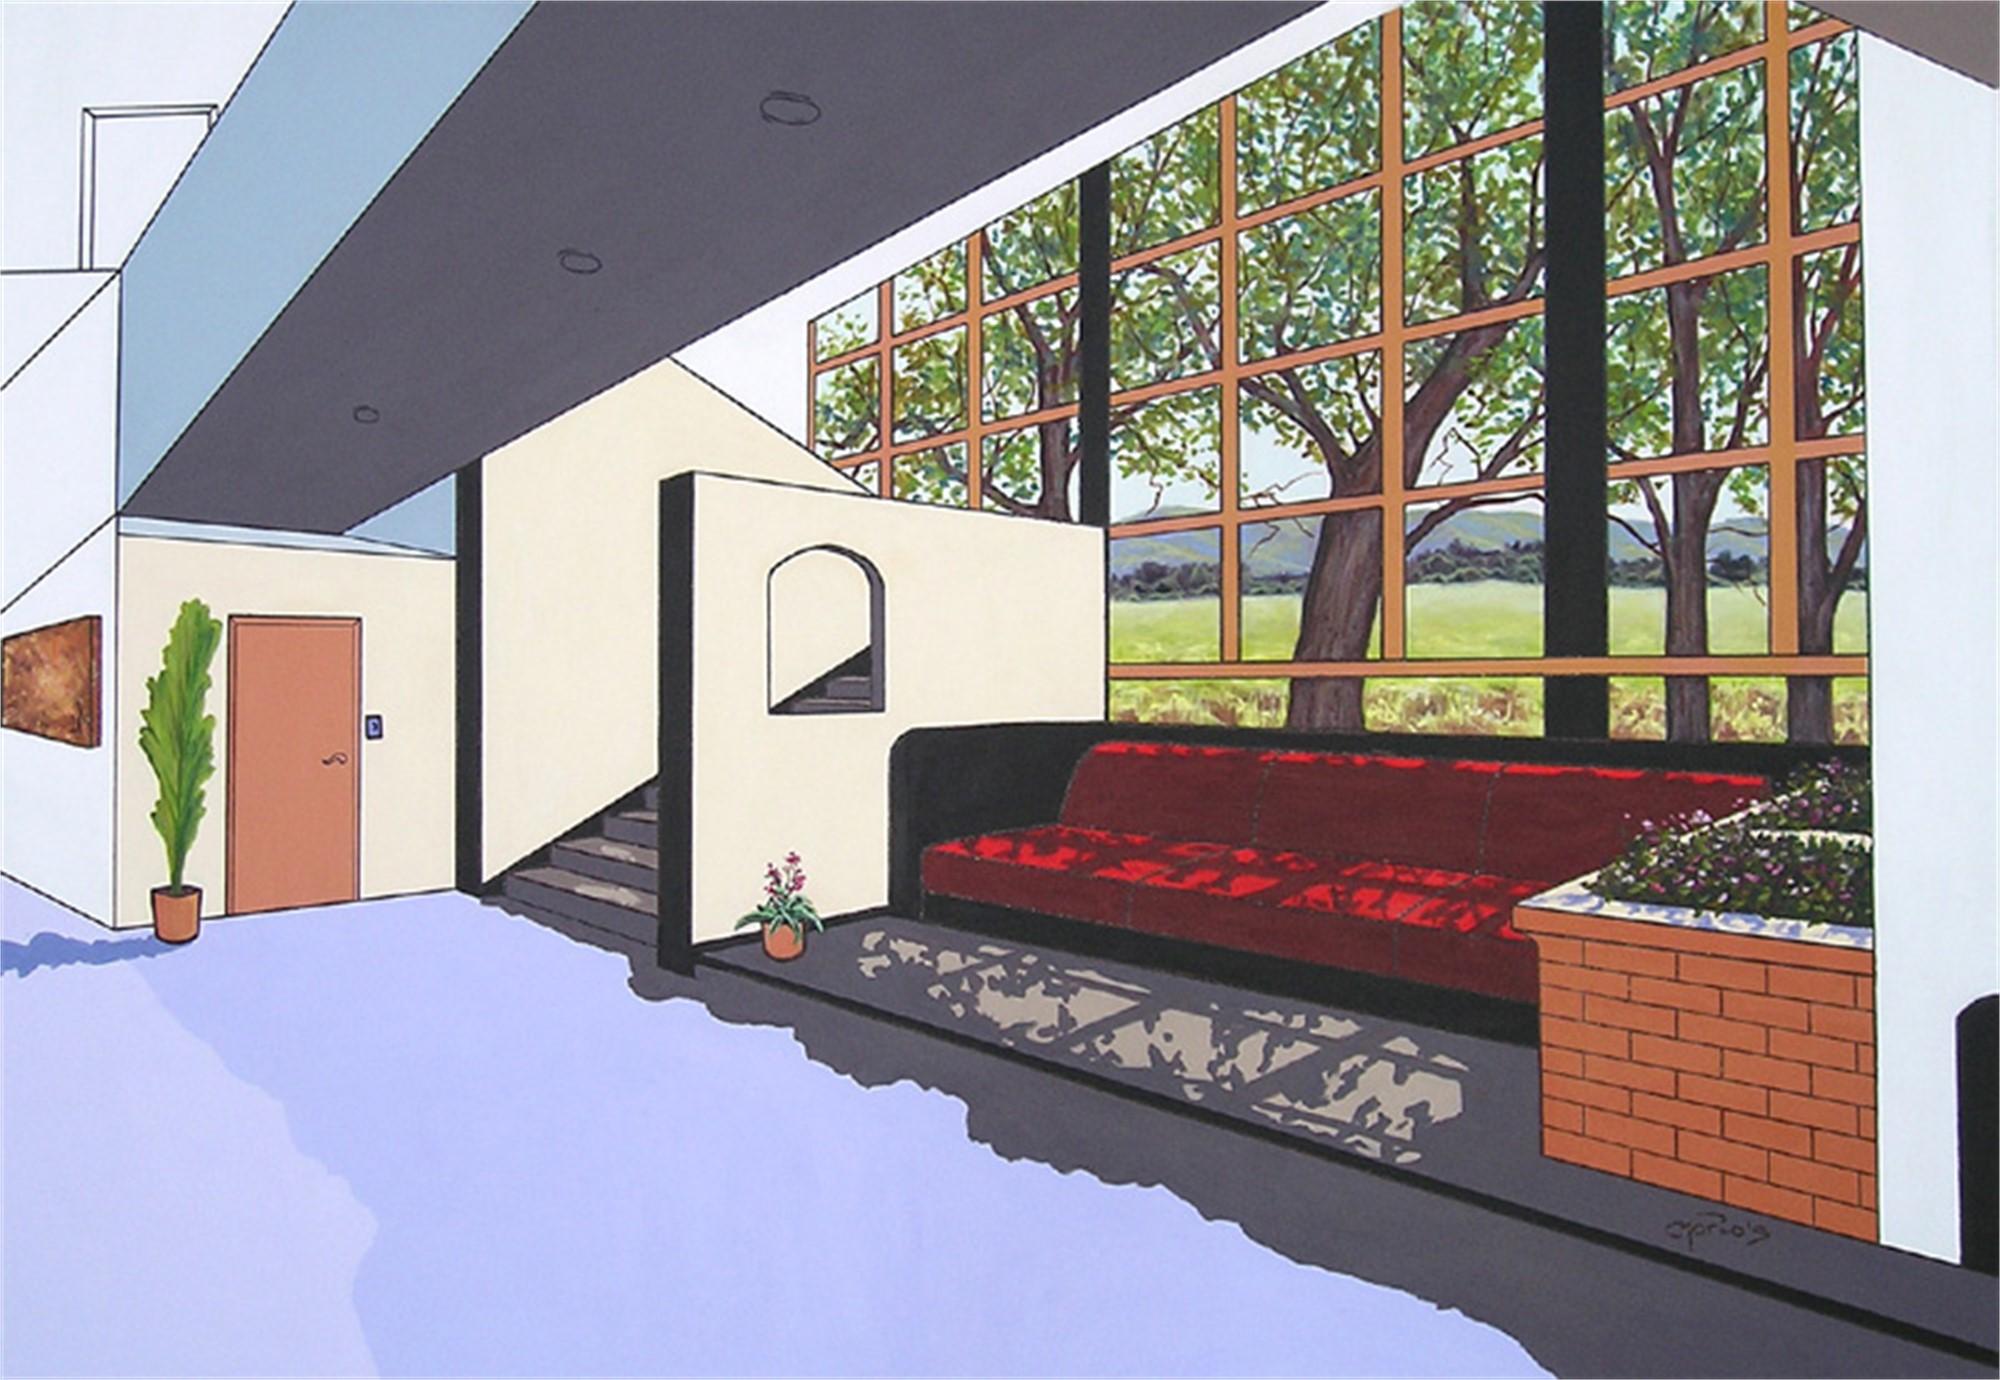 MG041 Vista Interior Izquierda by Mario Garcia Miro